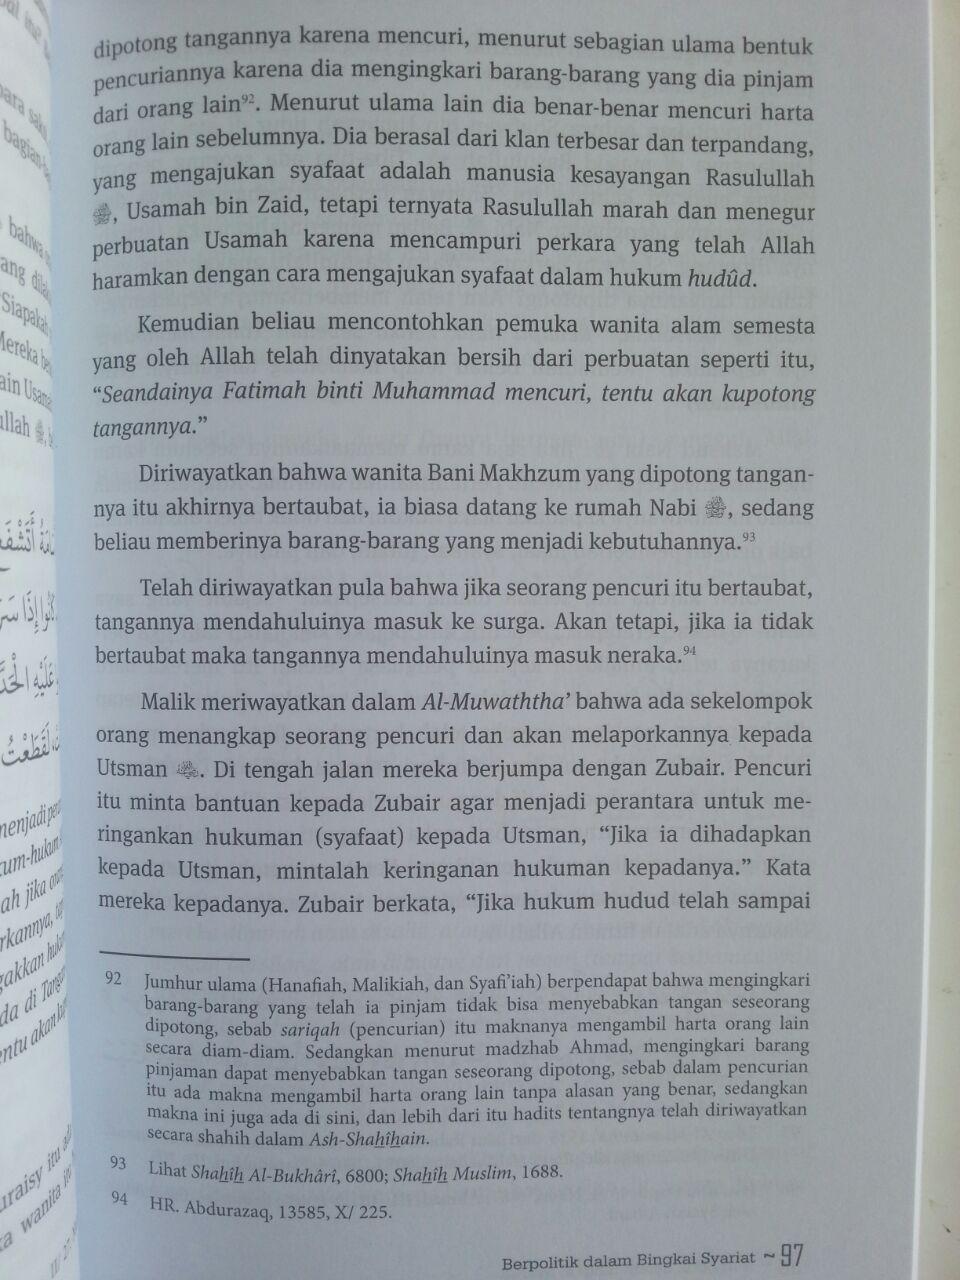 Buku Berpolitik Dalam Bingkai Syariat isi 3